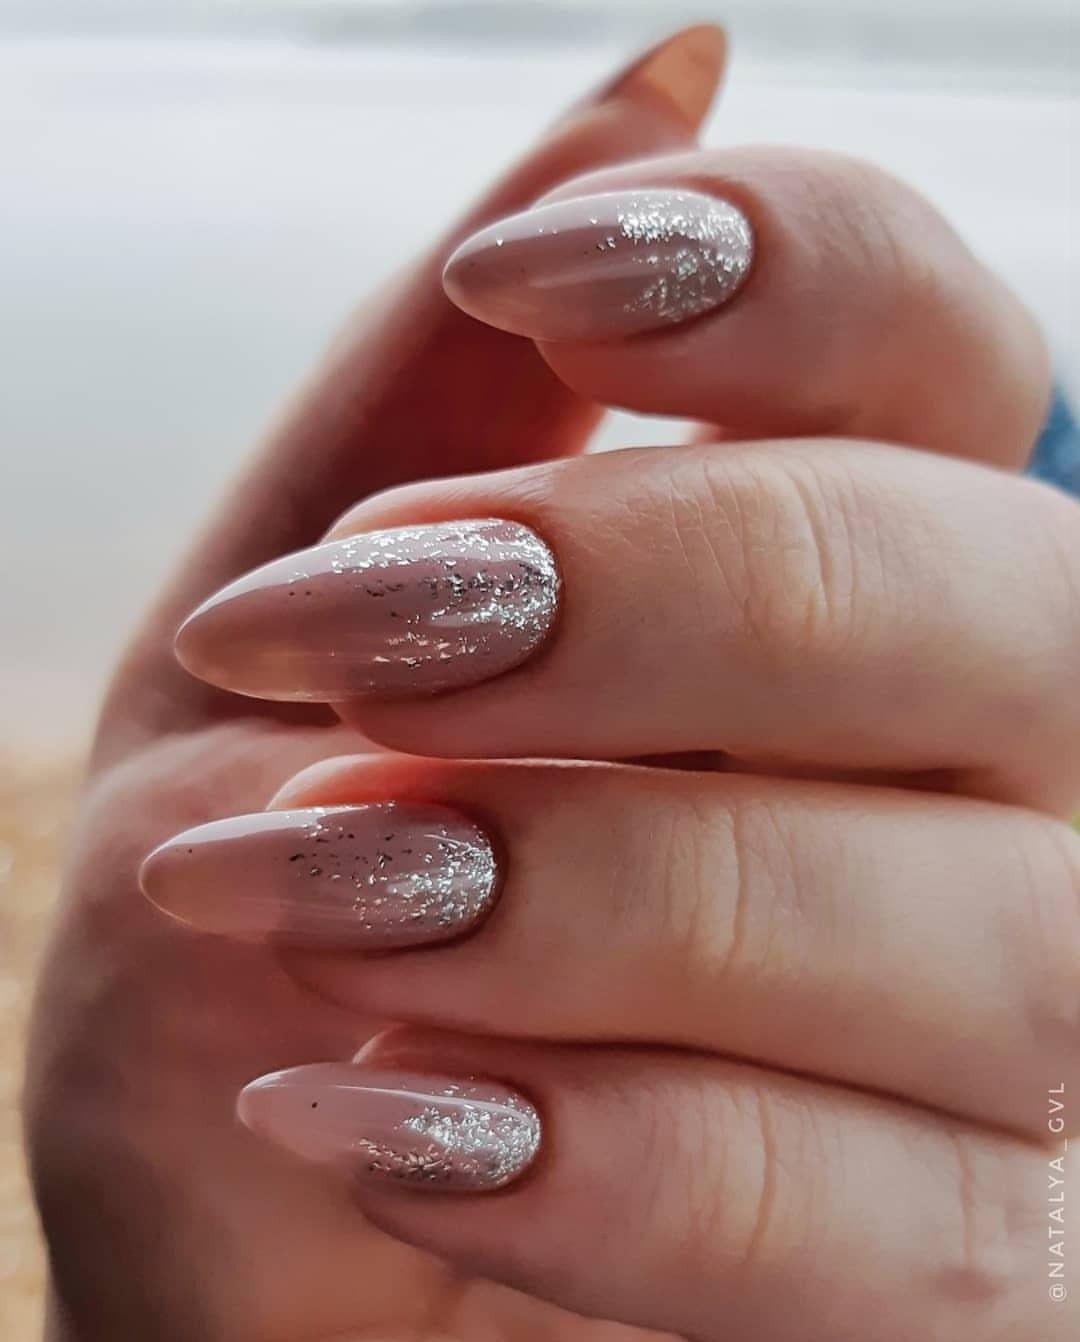 вице-мэр дизайн ногтей фото с растяжкой небольшой